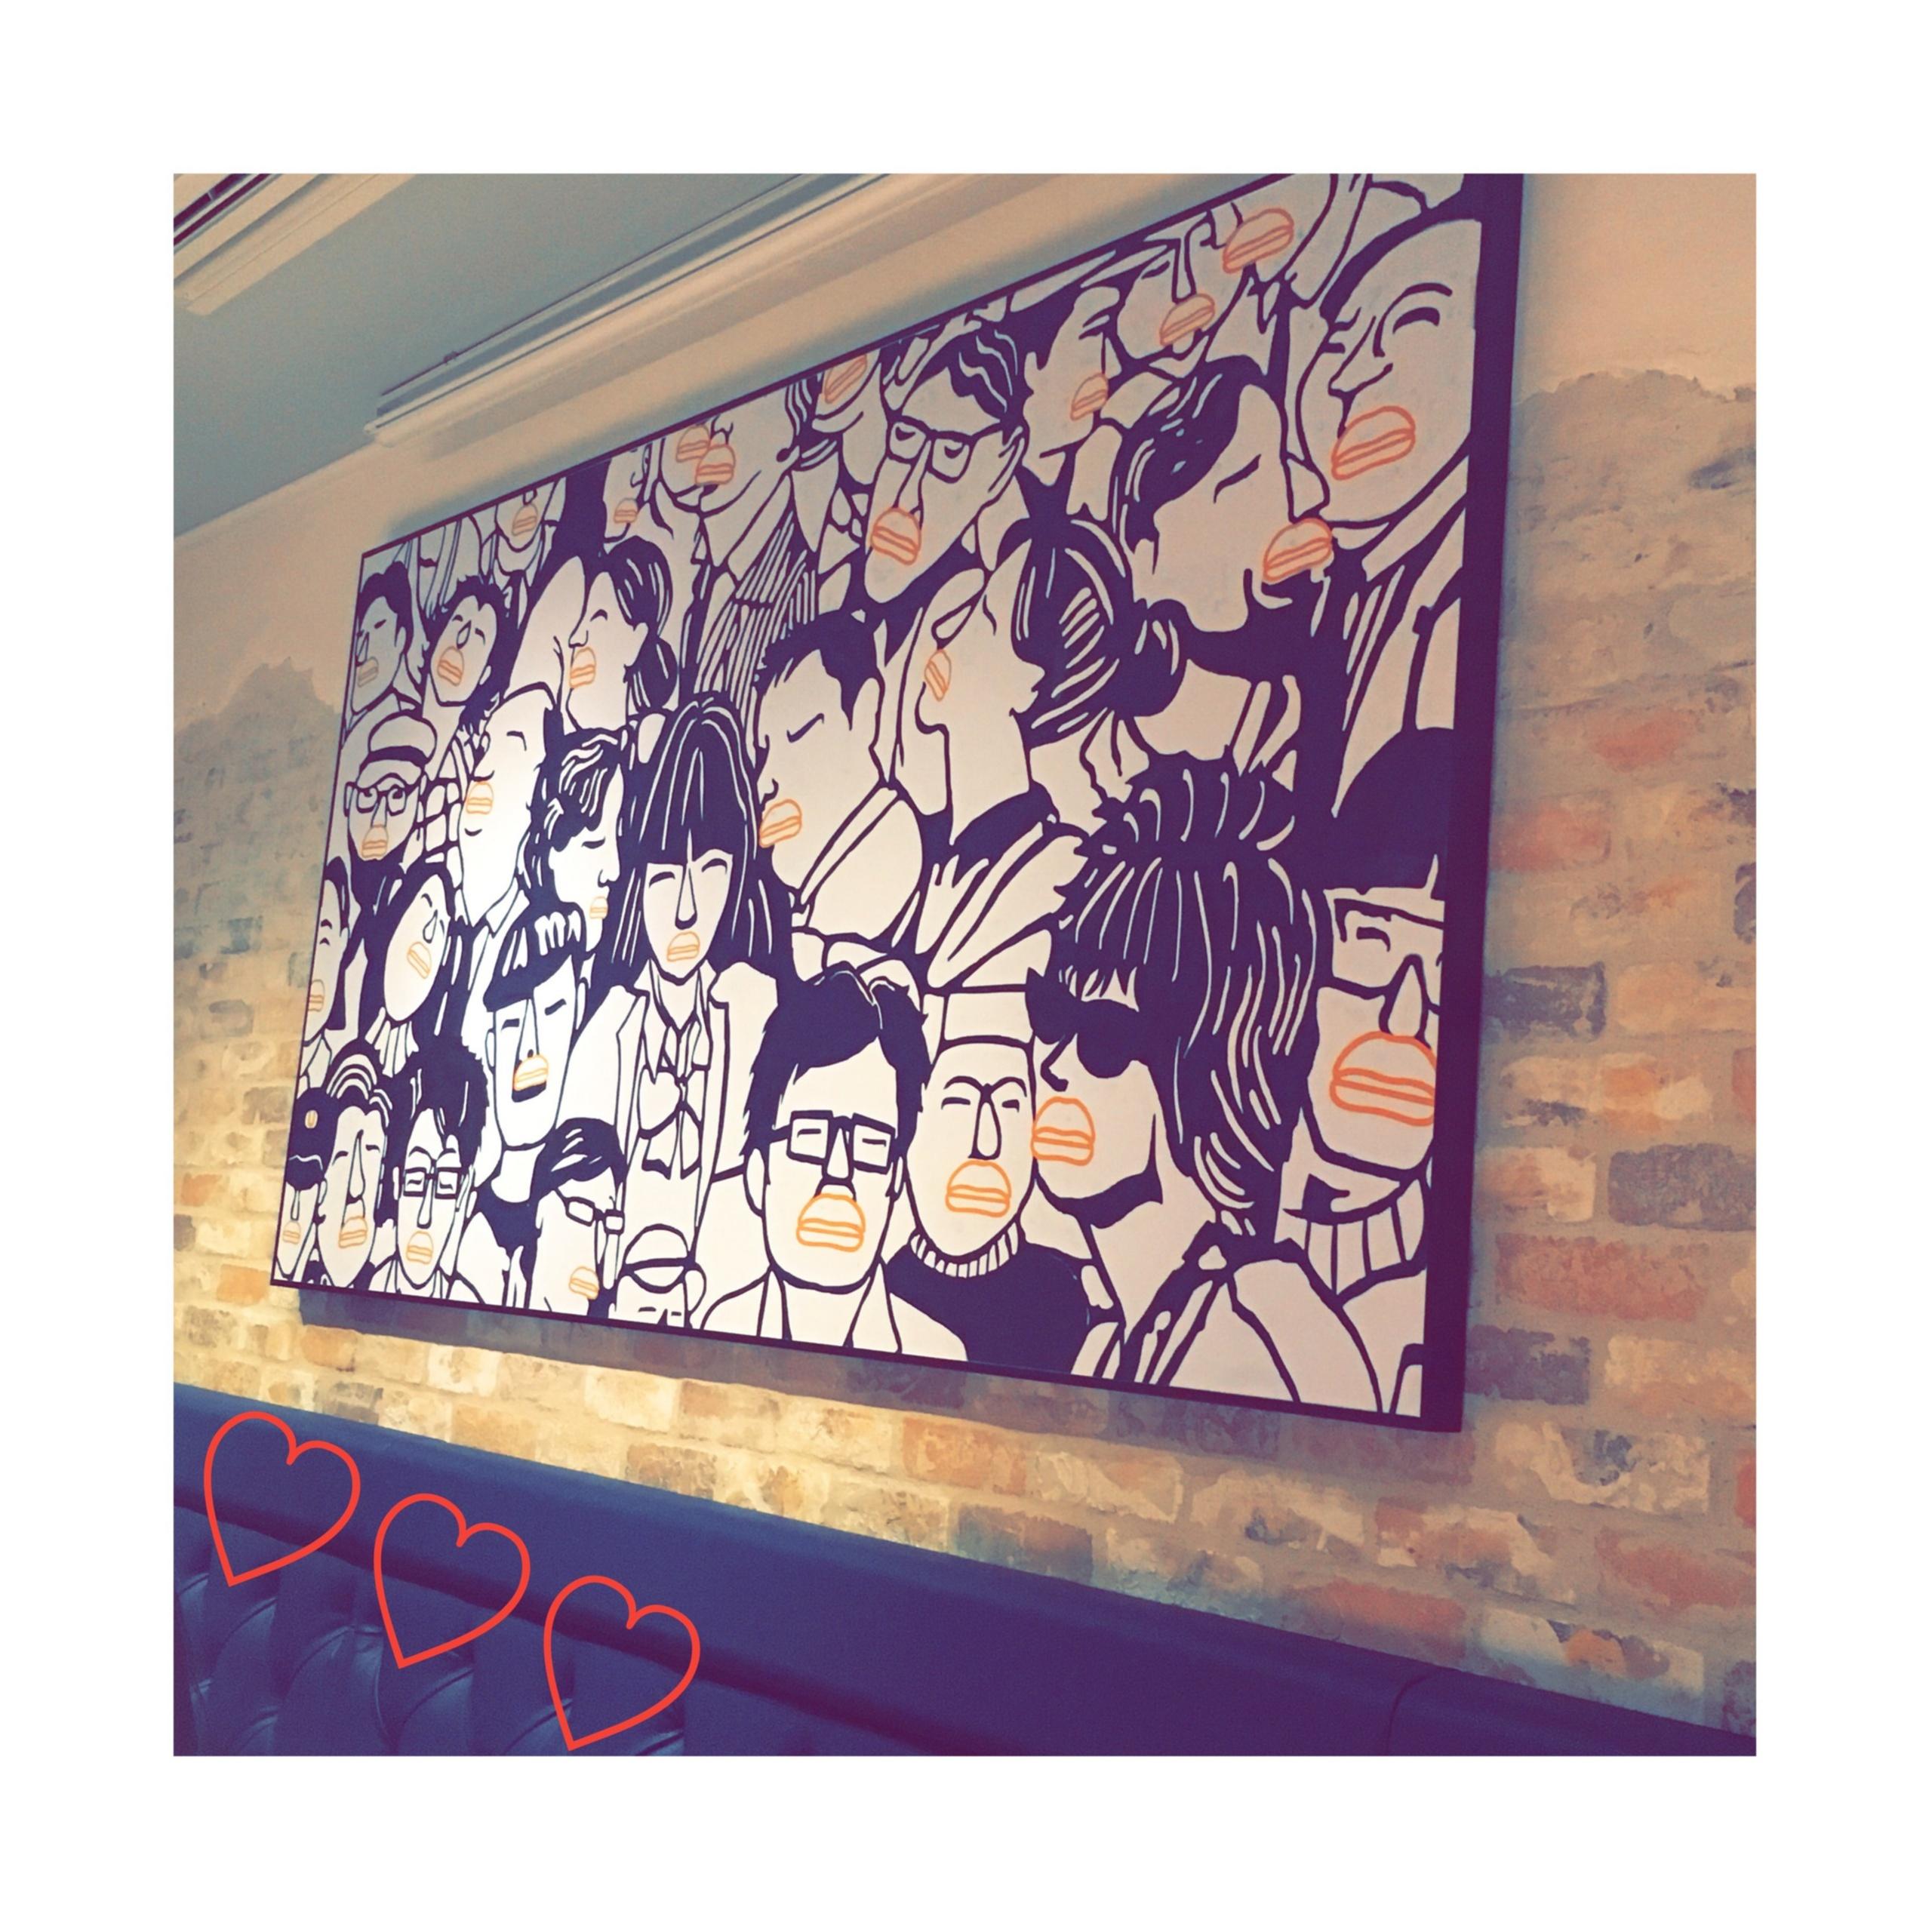 《ご当地MORE★》東京に来たら必ず食べてほしいイチオシの美味ハンバーガーはここ、【UMAMI BURGER】で❤️!_4